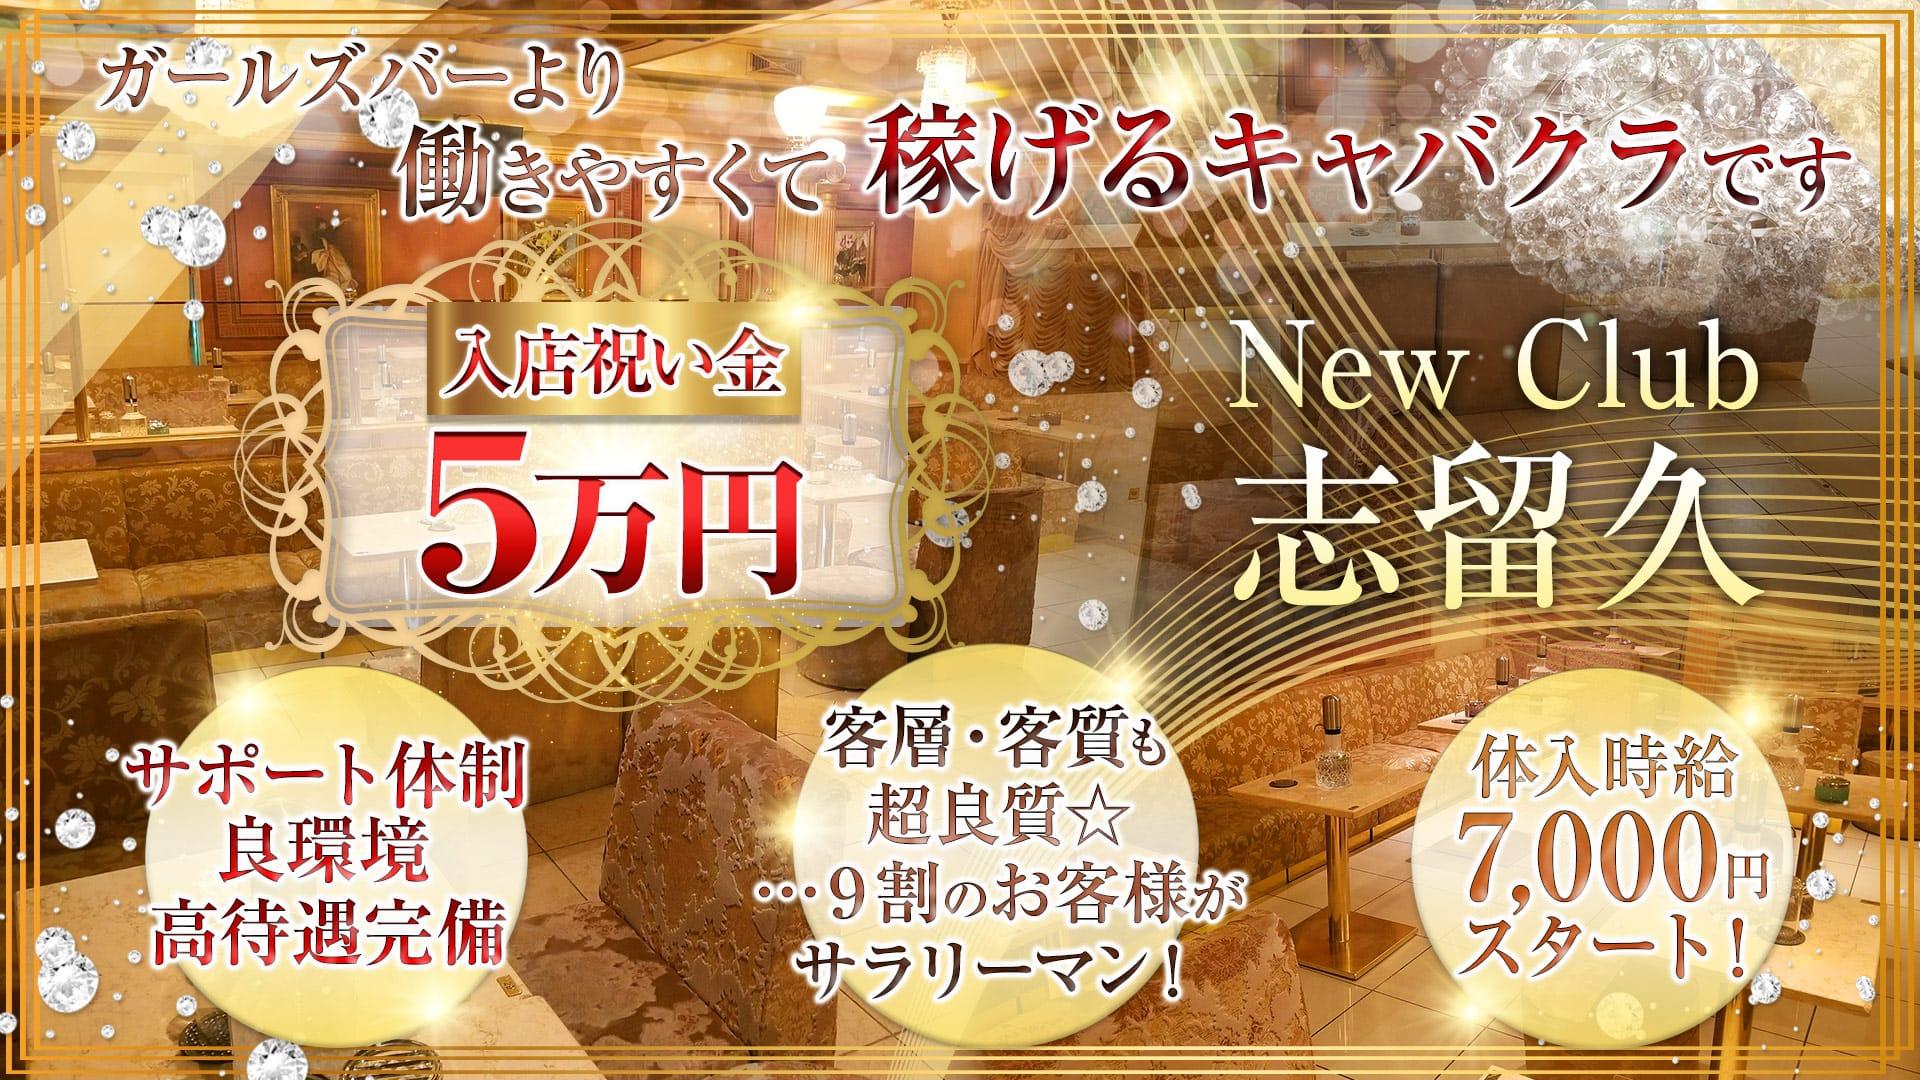 New Club 志留久(シルク) 西船橋キャバクラ TOP画像